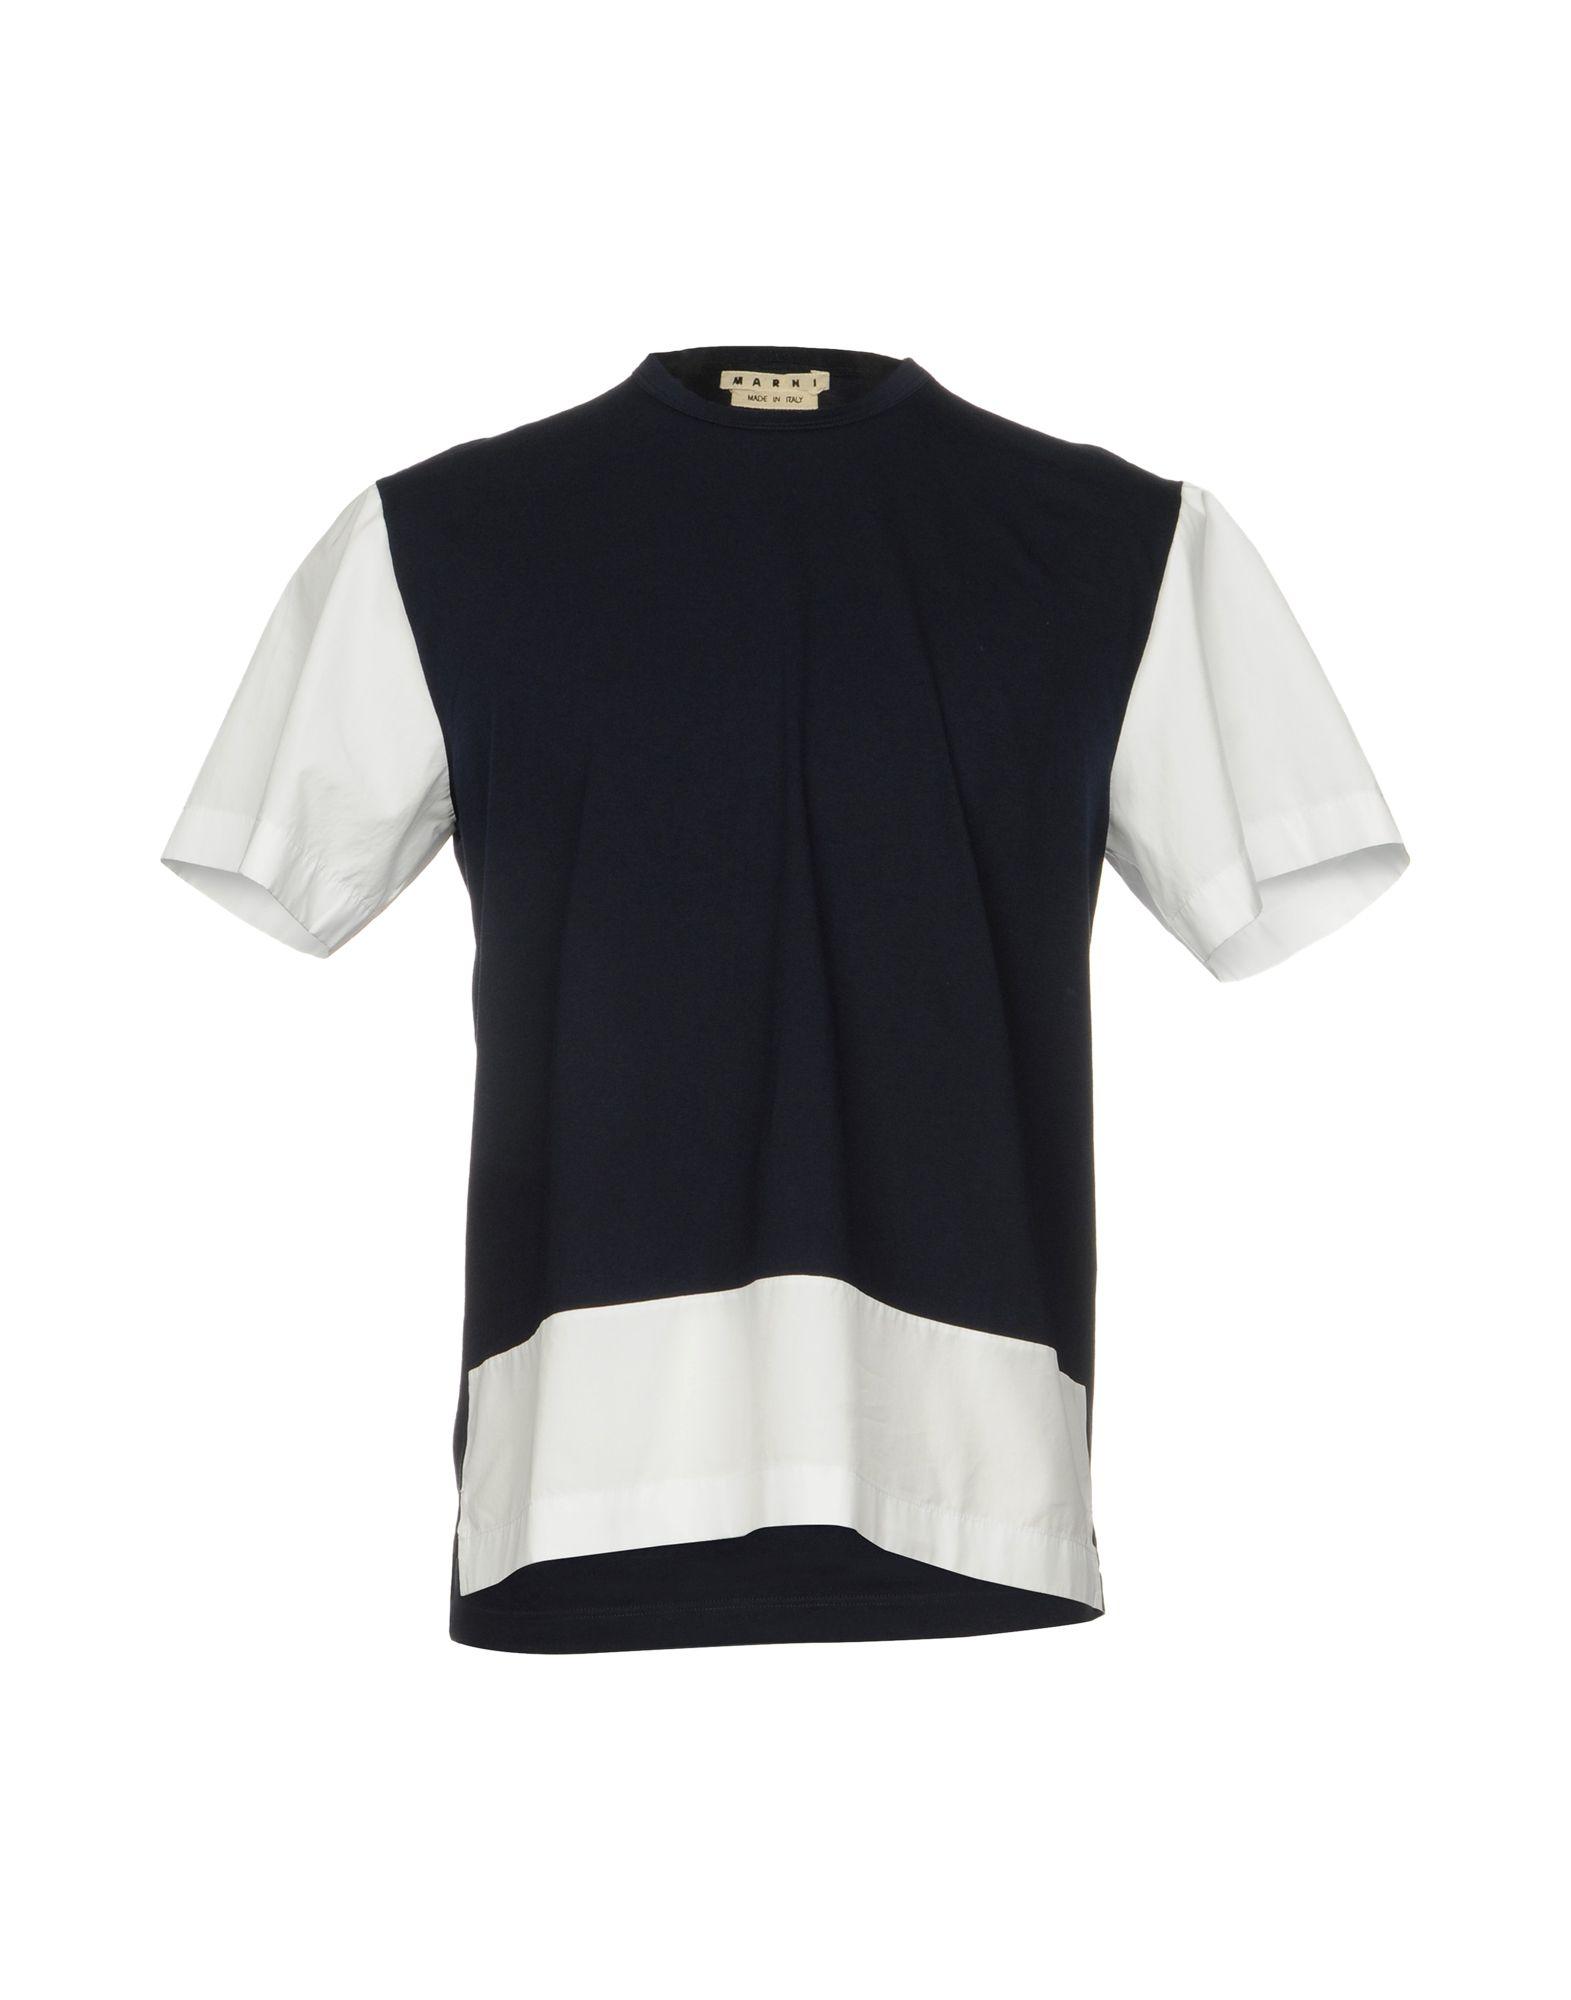 MARNI Herren T-shirts Farbe Dunkelblau Größe 6 - broschei